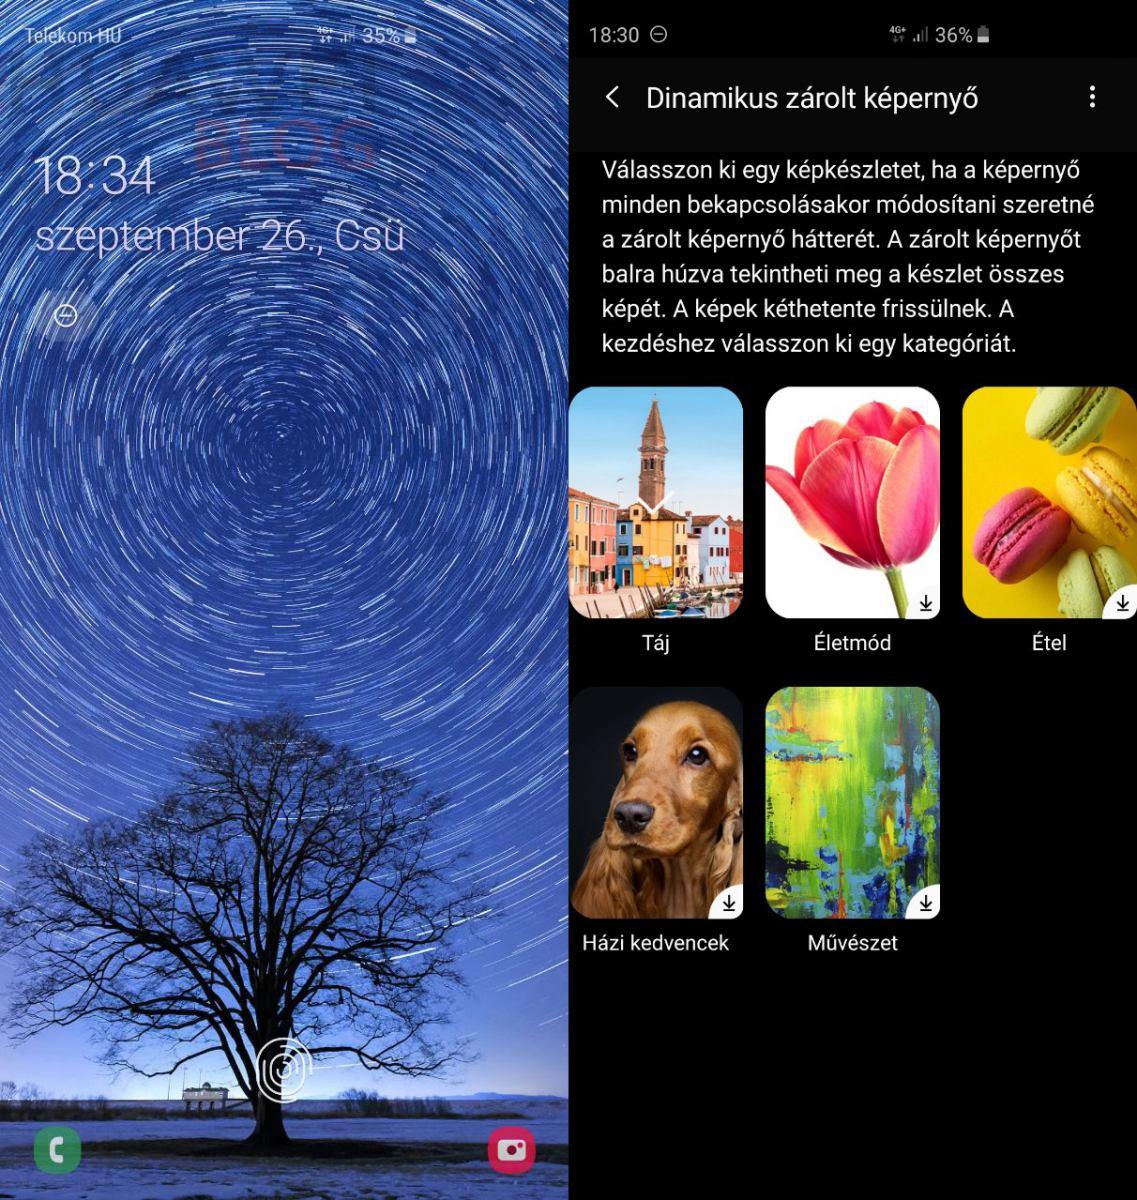 Dinamikus zárolt képernyő a OneUI-ban